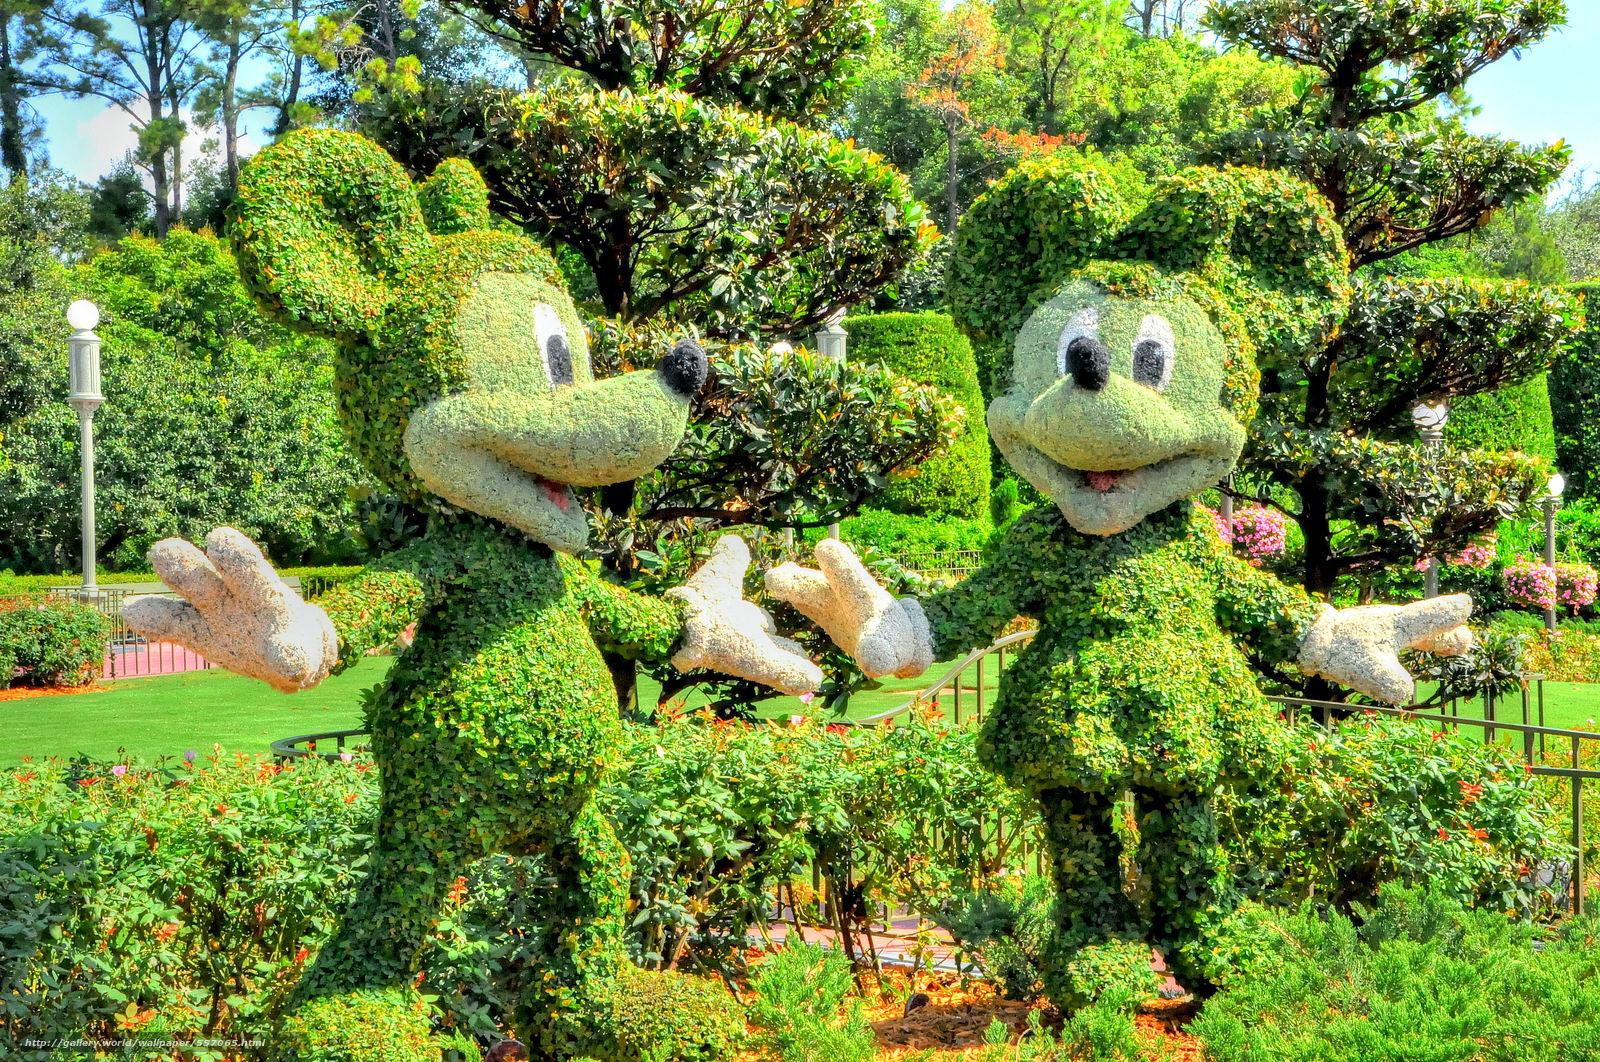 wallpaper Magic Kingdom Orlando florida desktop wallpaper 1600x1062